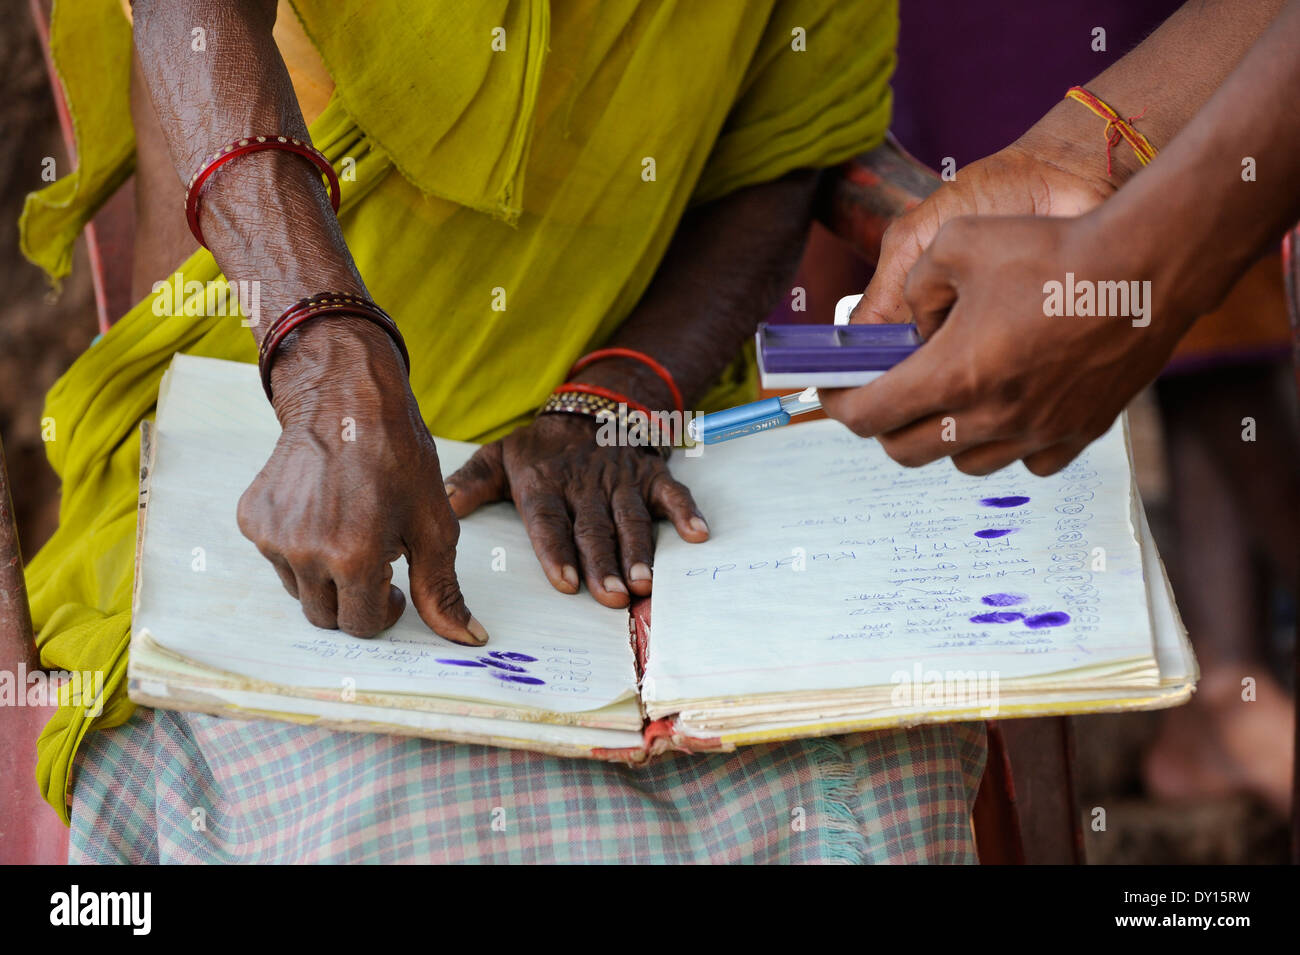 INDIEN Jharkhand, NGO Birsa organisieren Adivasi, um für ihre Landrechte zu kämpfen, Treffen im Dorf, Stammesfrauen Stockfoto